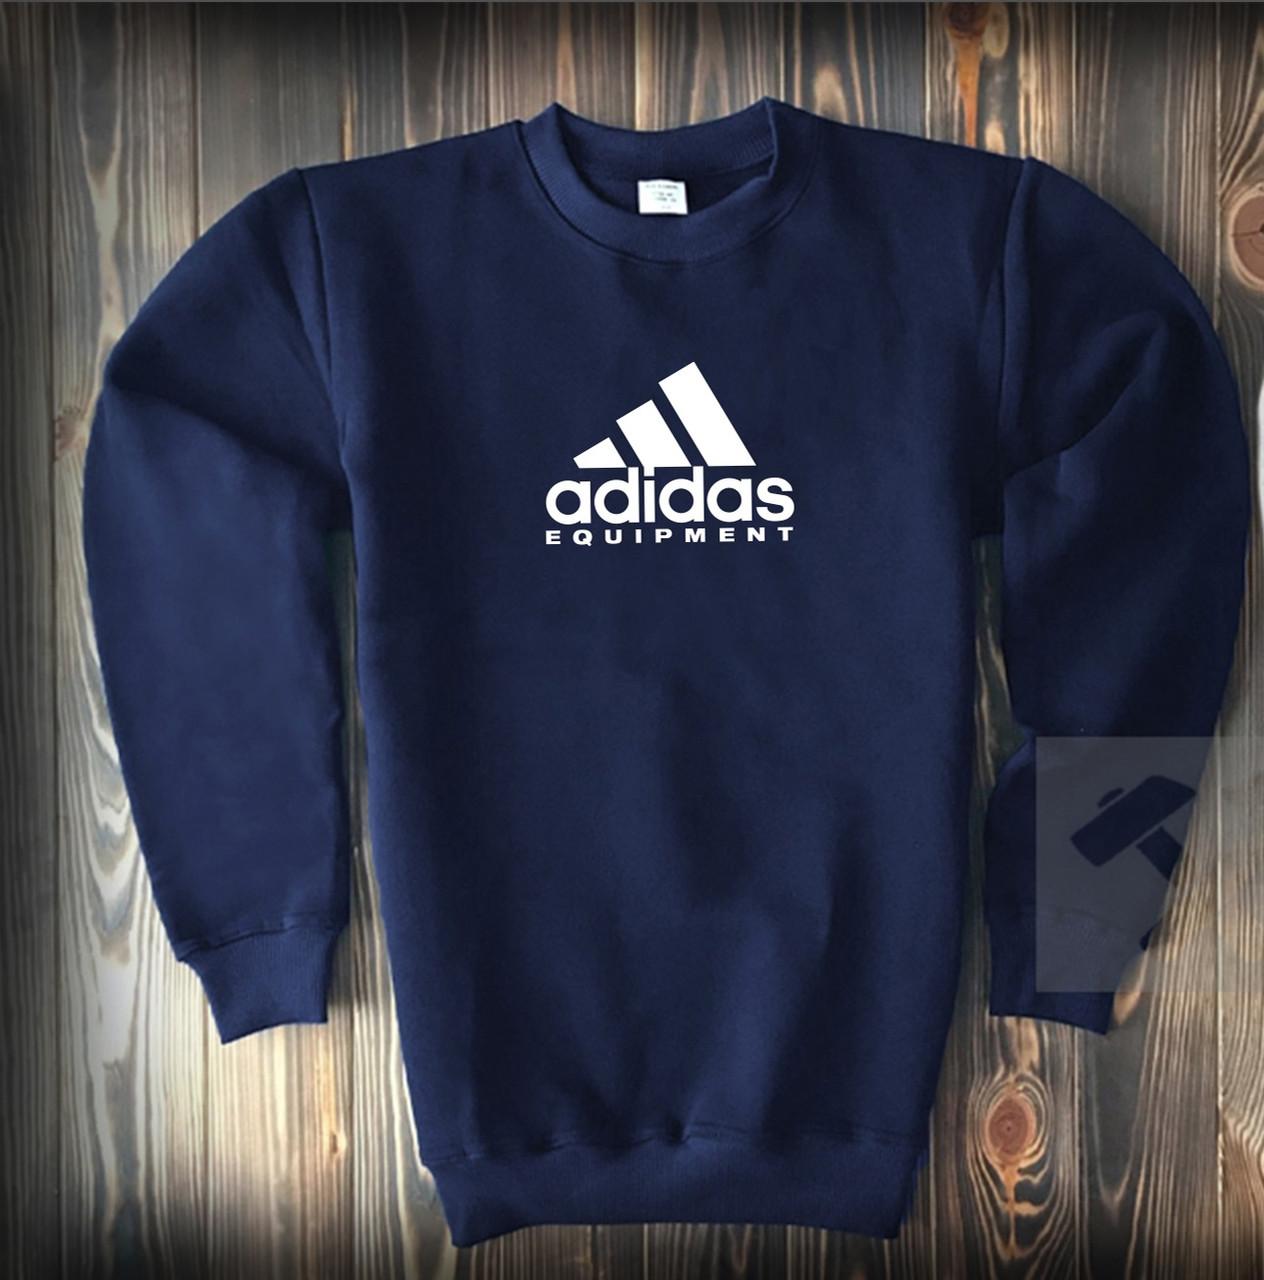 a7df89235357 Свитшот адидас (7 цветов), крутой свитшот в стиле Adidas